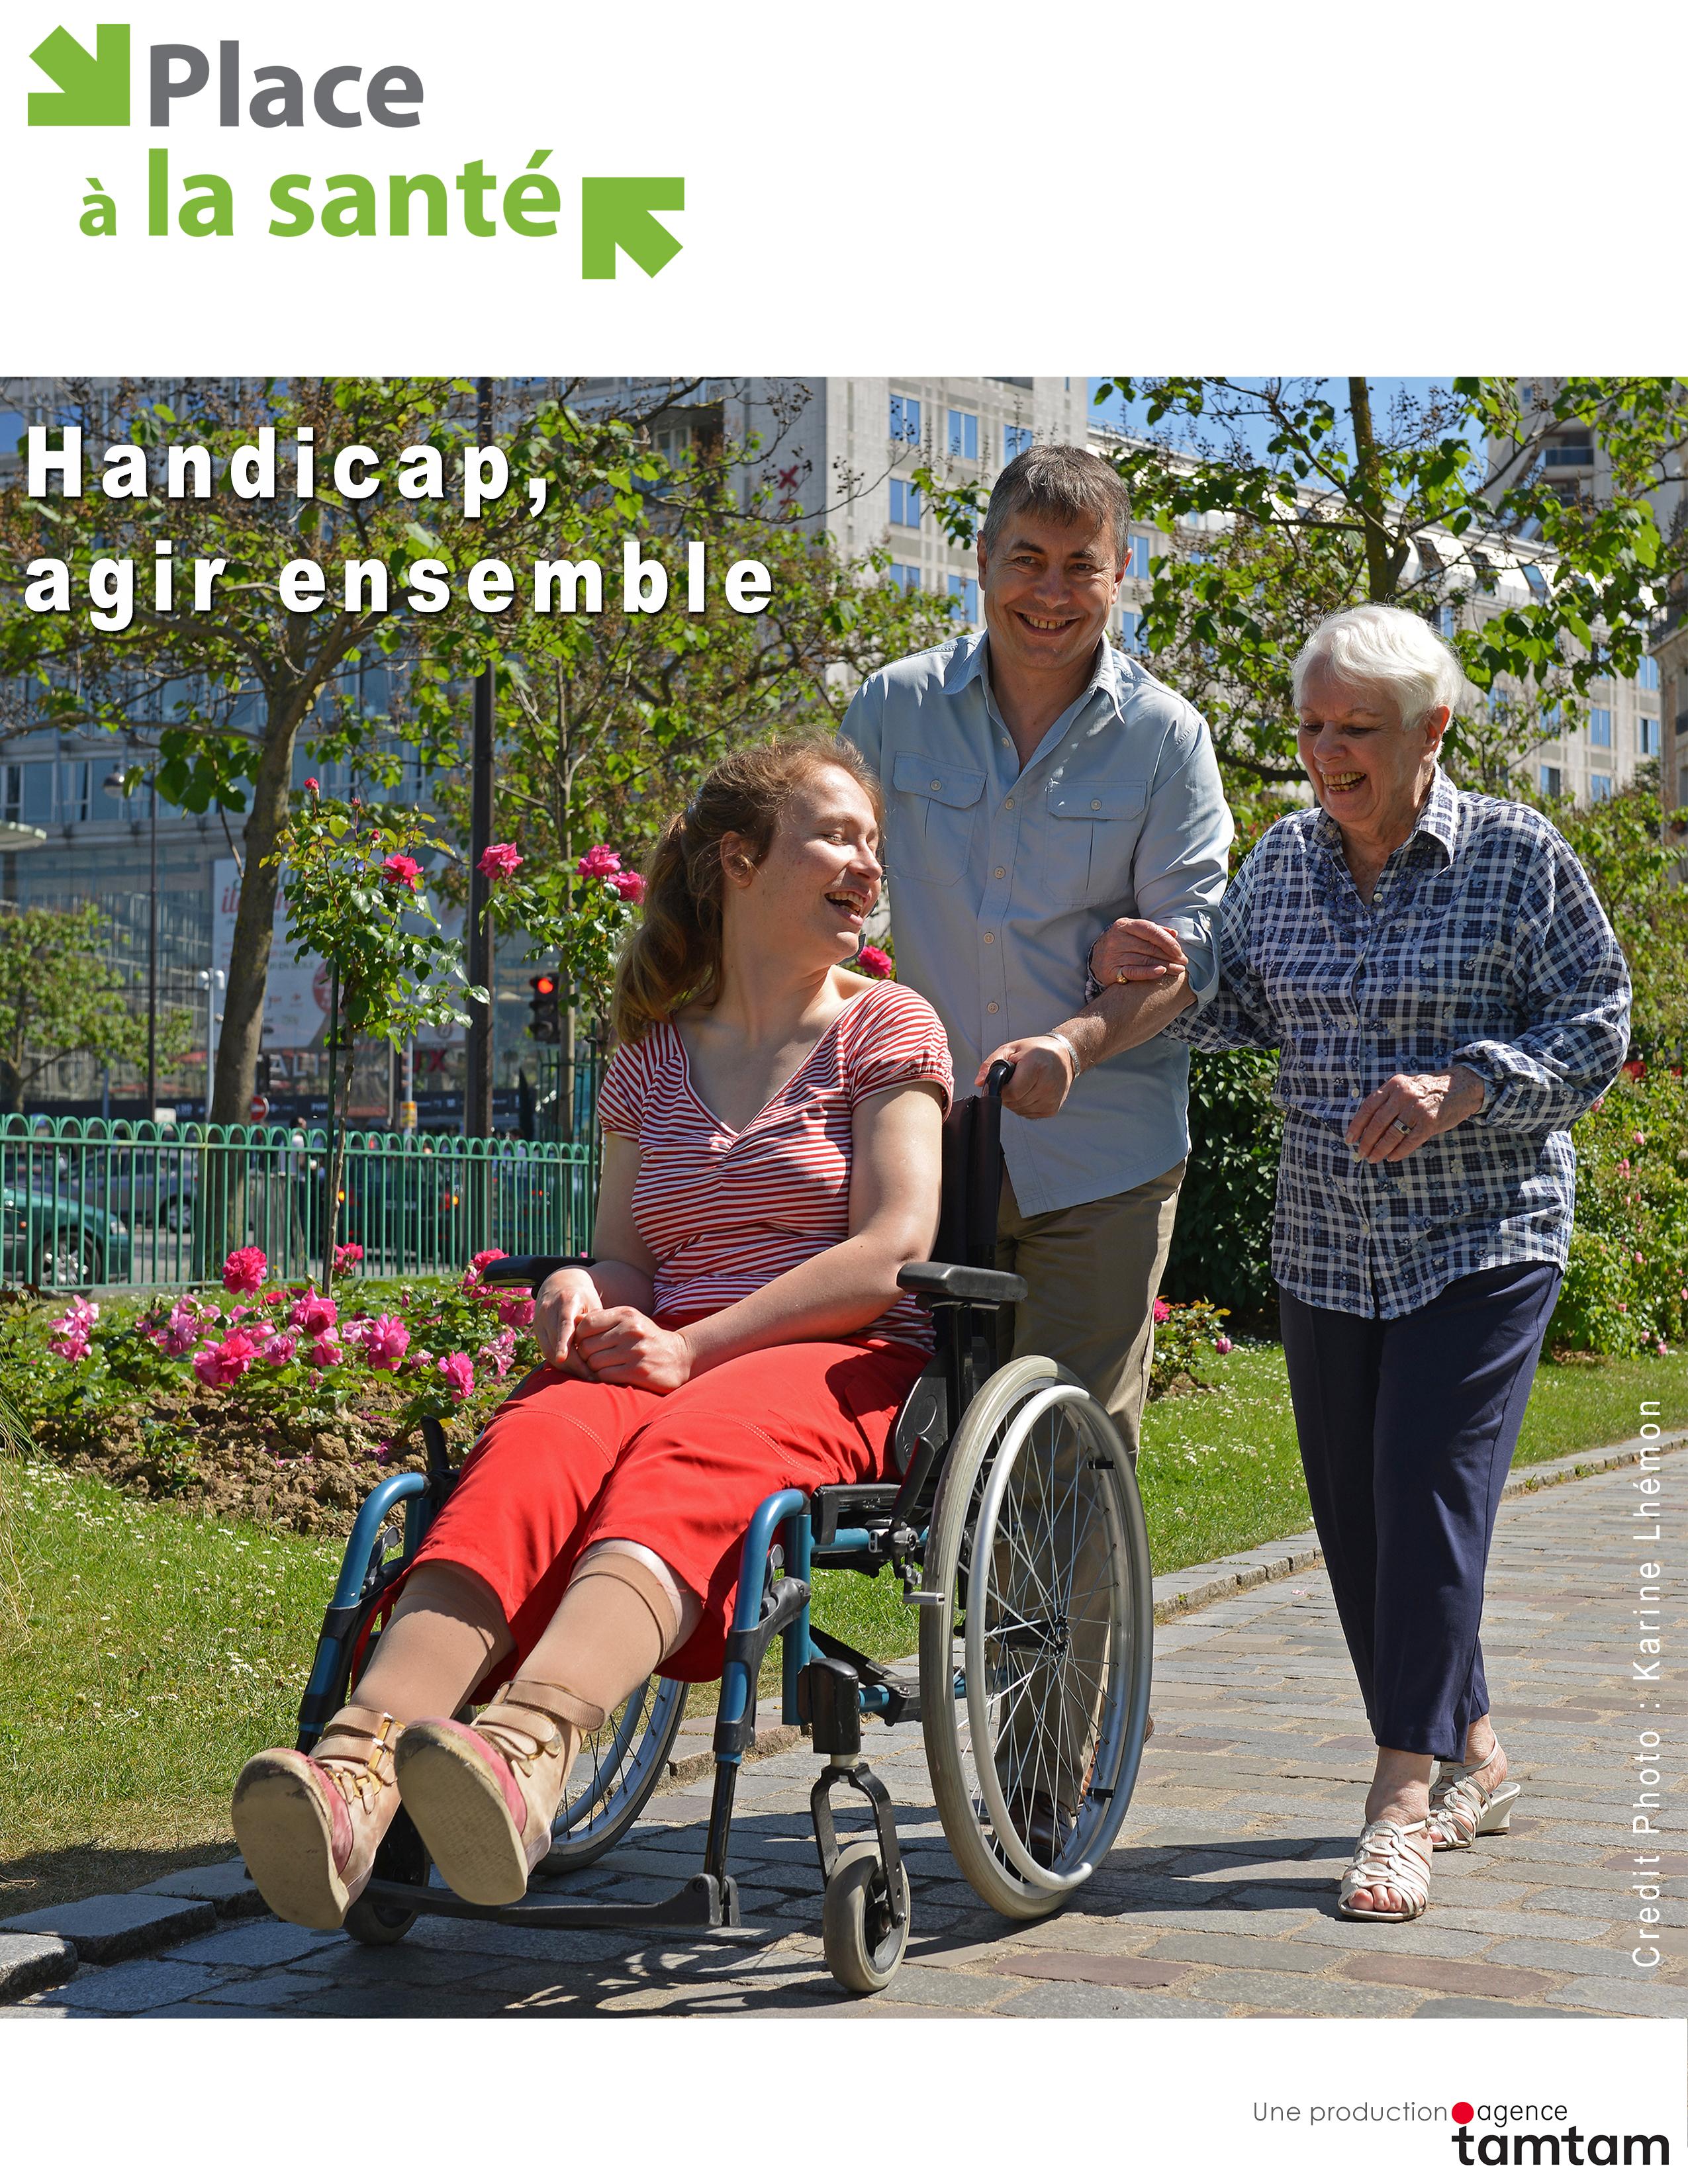 Handicap, agir ensemble